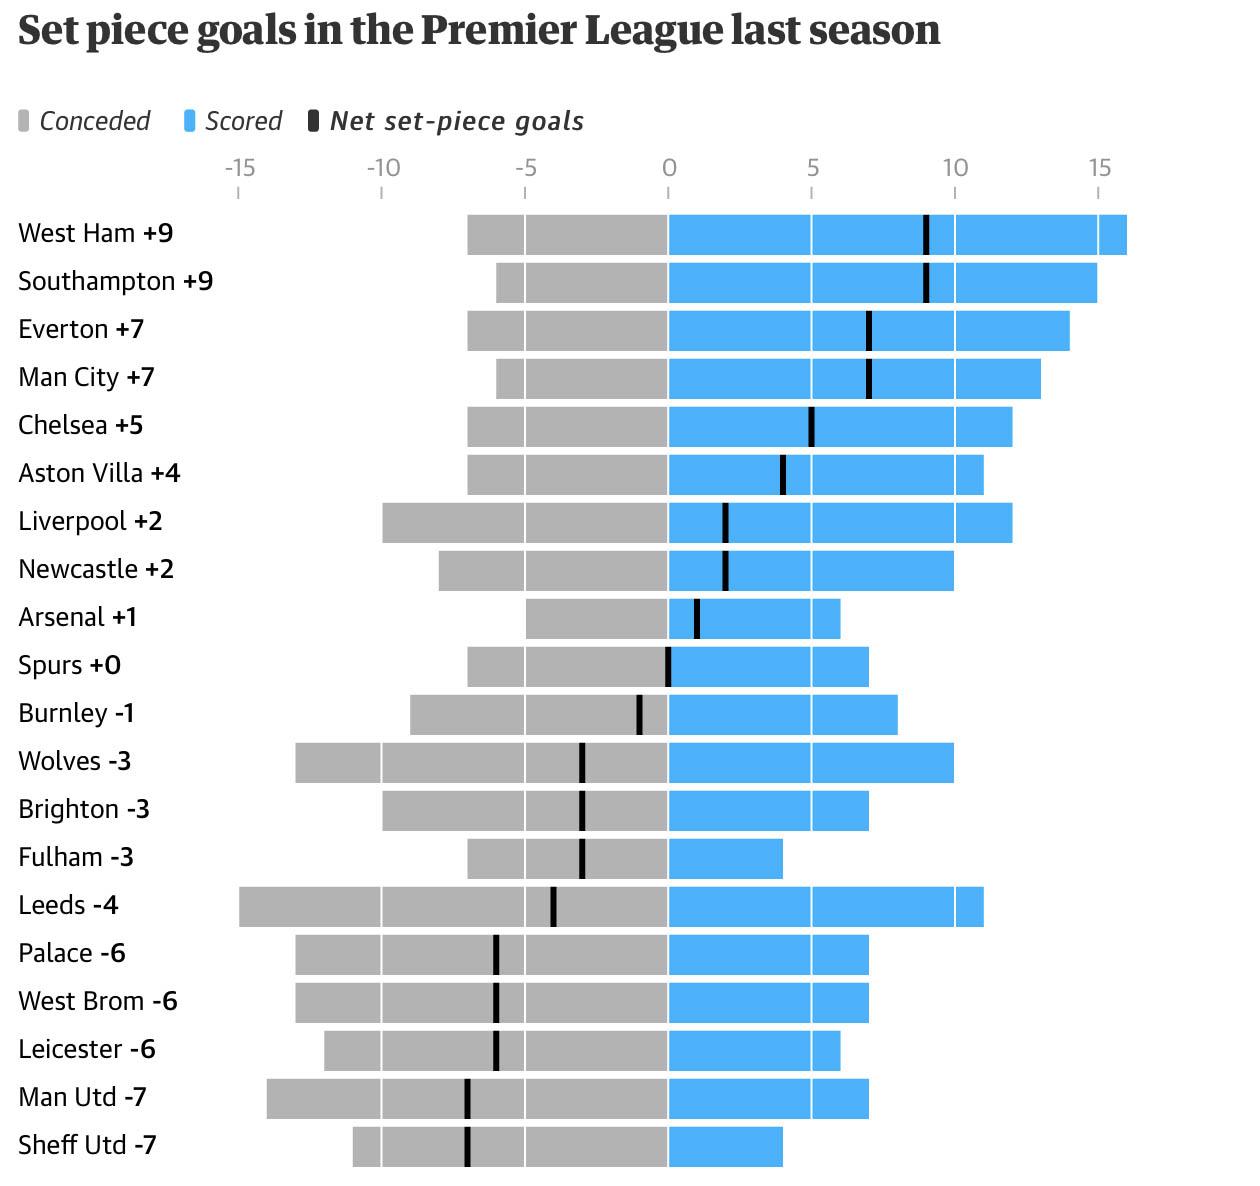 M.U là đội kém hiệu quả nhất ở Premier League mùa trước trong các tình huống cố định khi hiệu số là -7